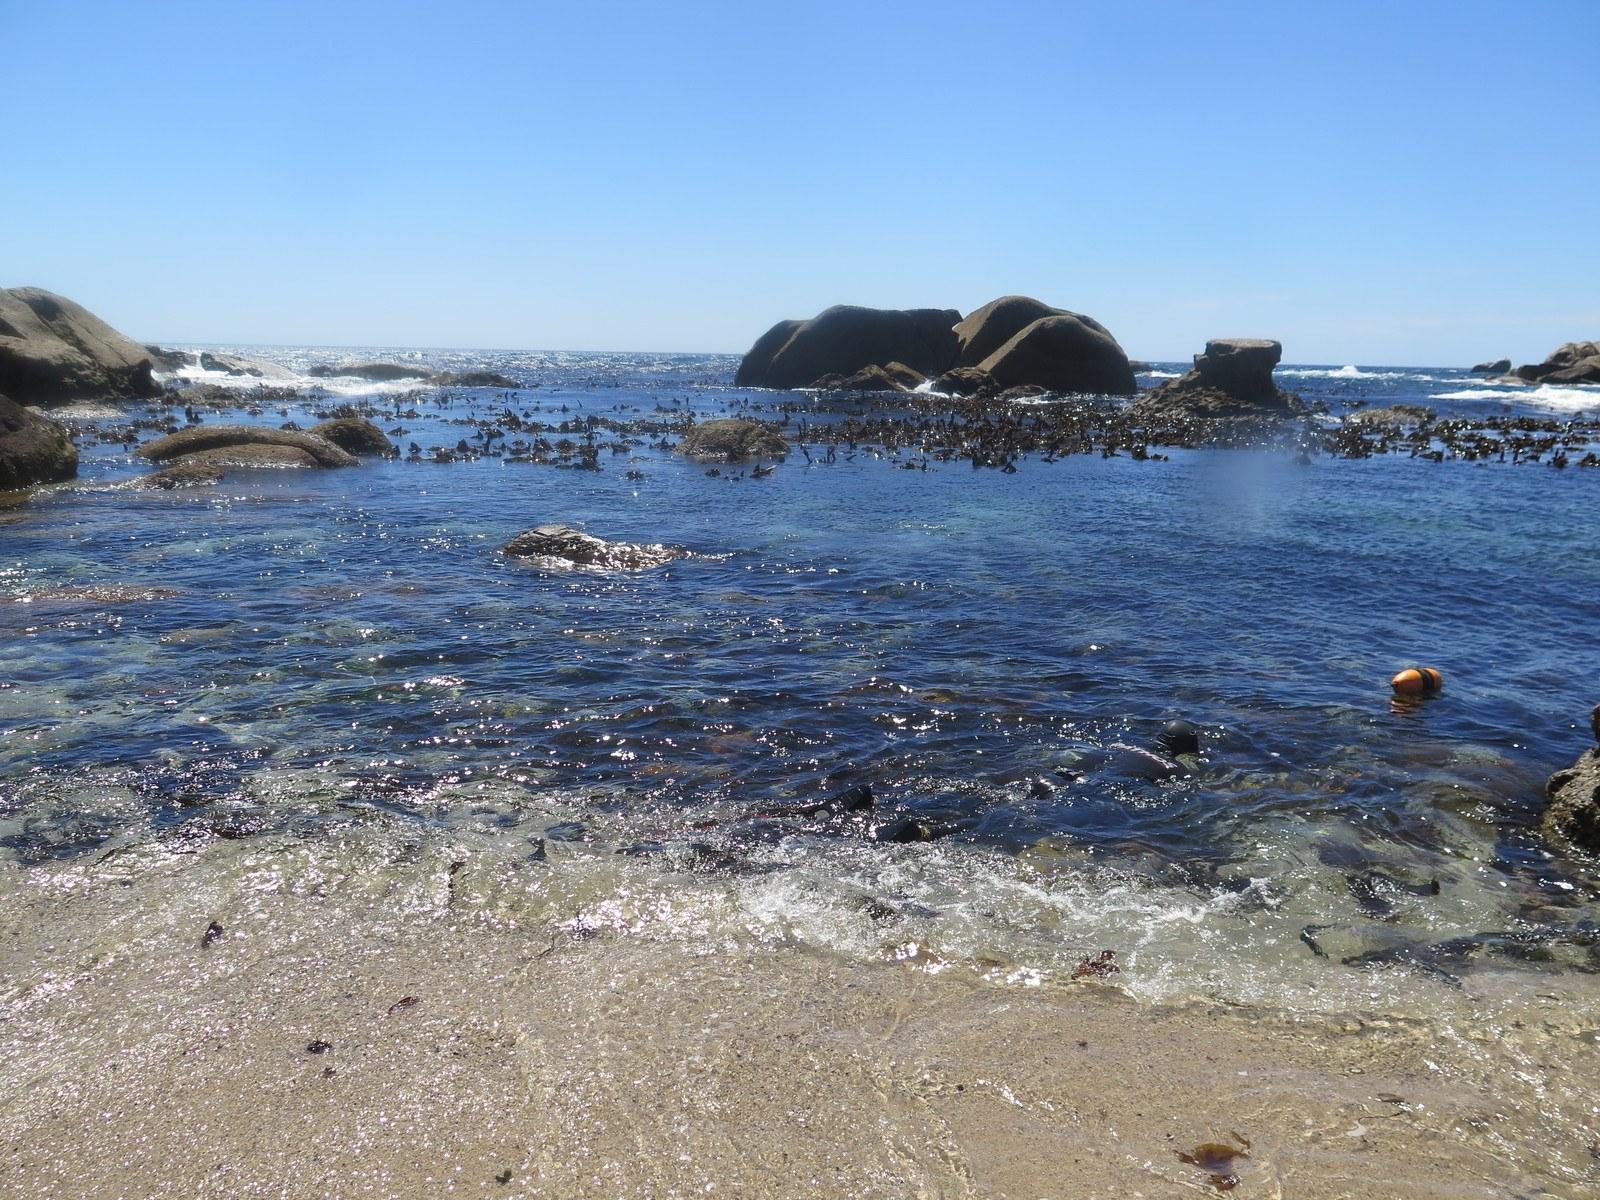 20191121064836 scaled - Hvidhajer og abelone i Sydafrika